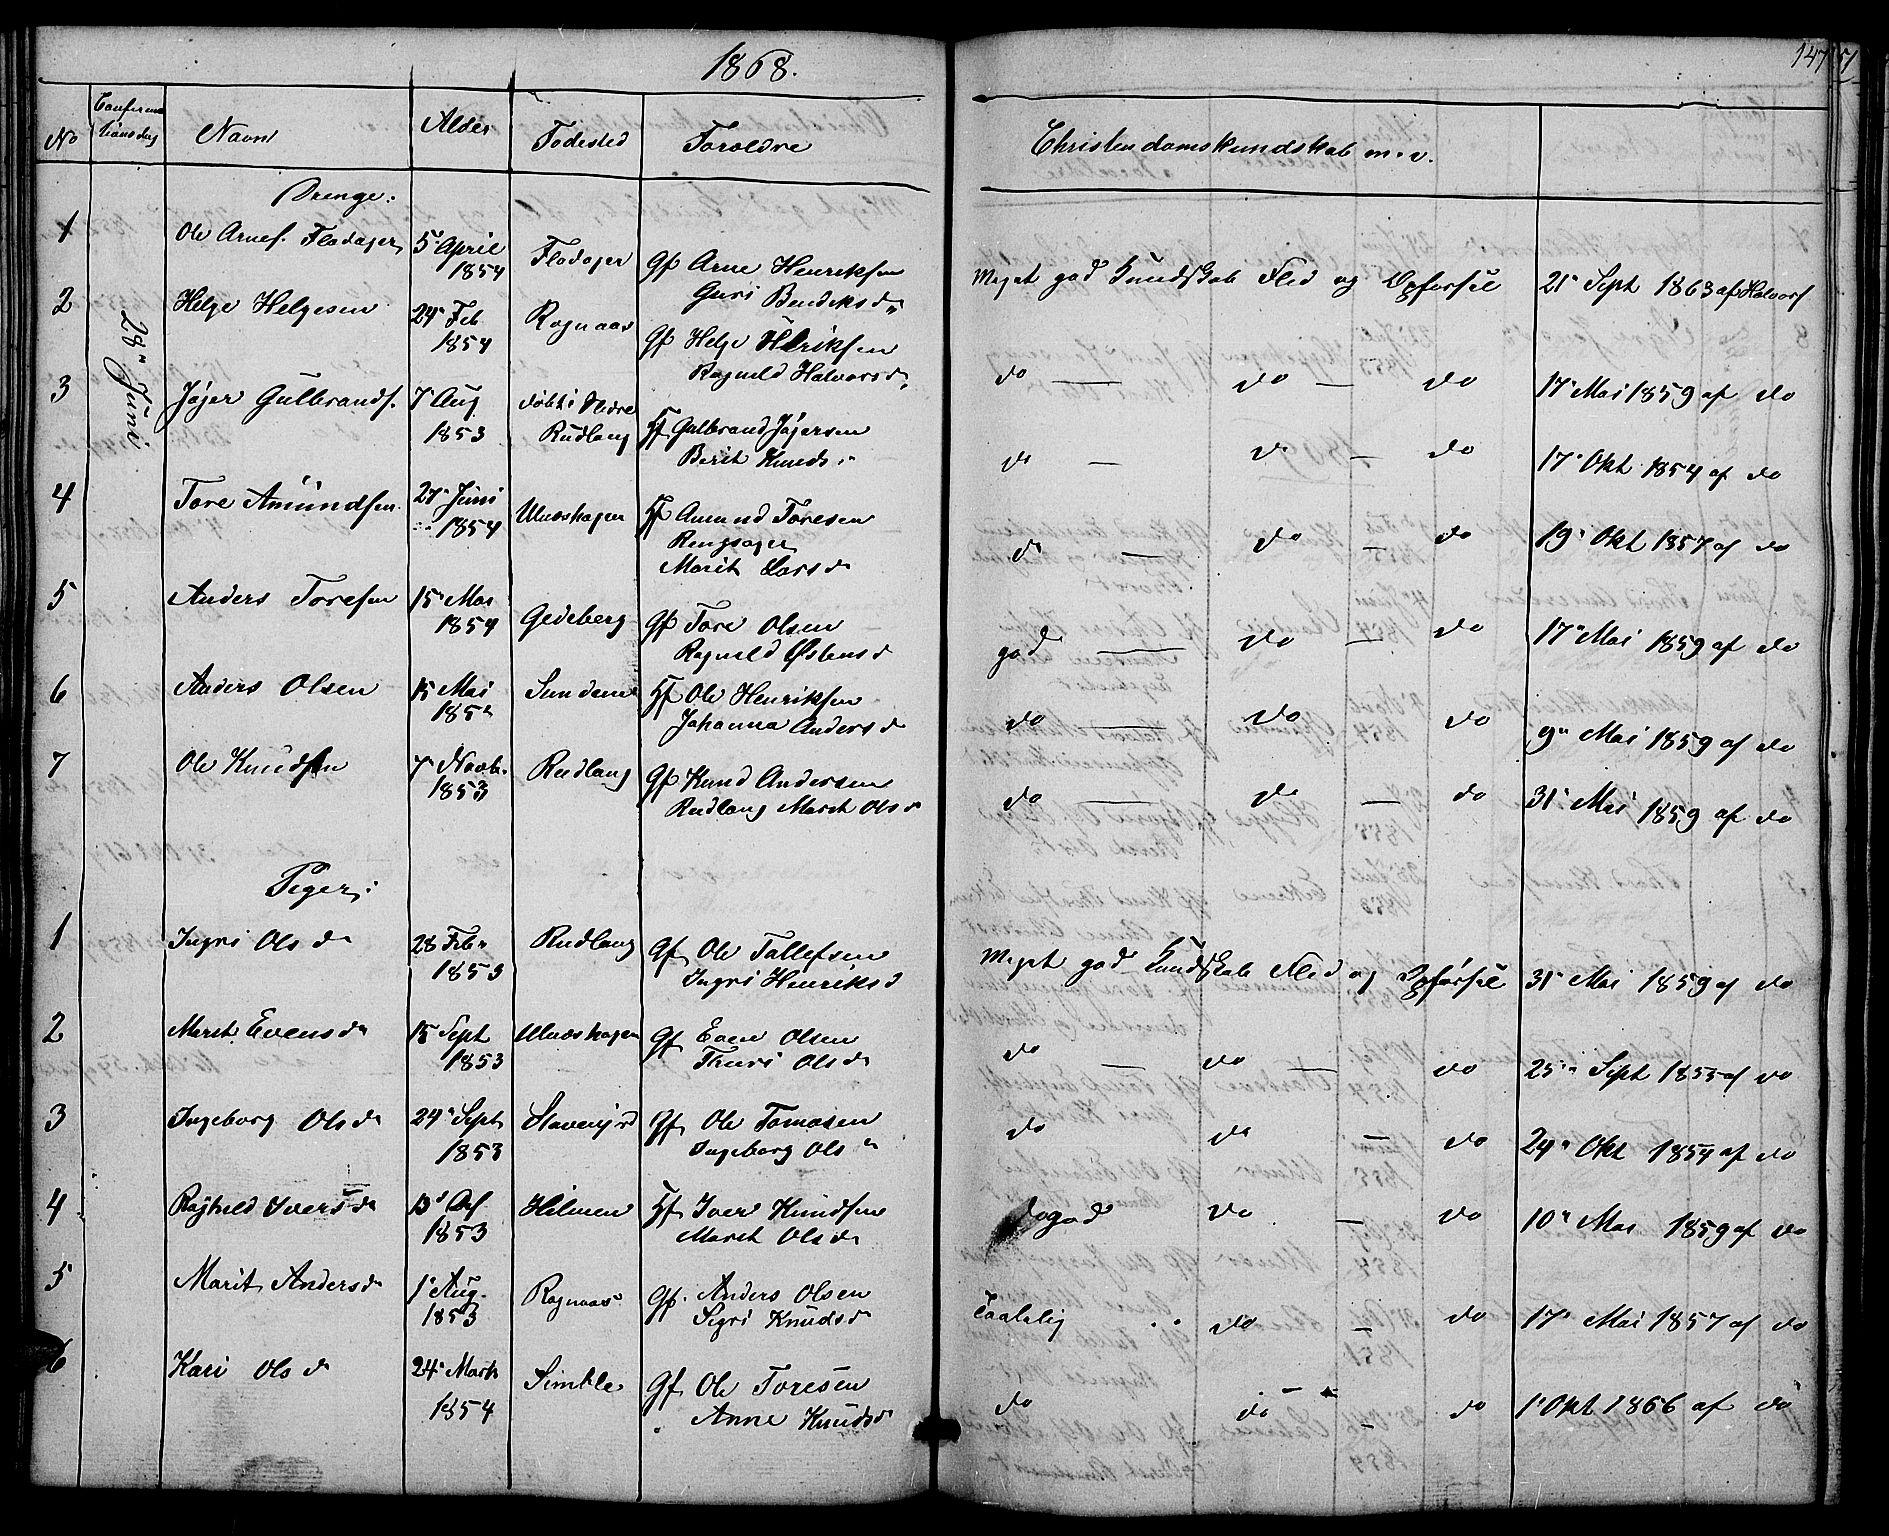 SAH, Nord-Aurdal prestekontor, Klokkerbok nr. 4, 1842-1882, s. 147